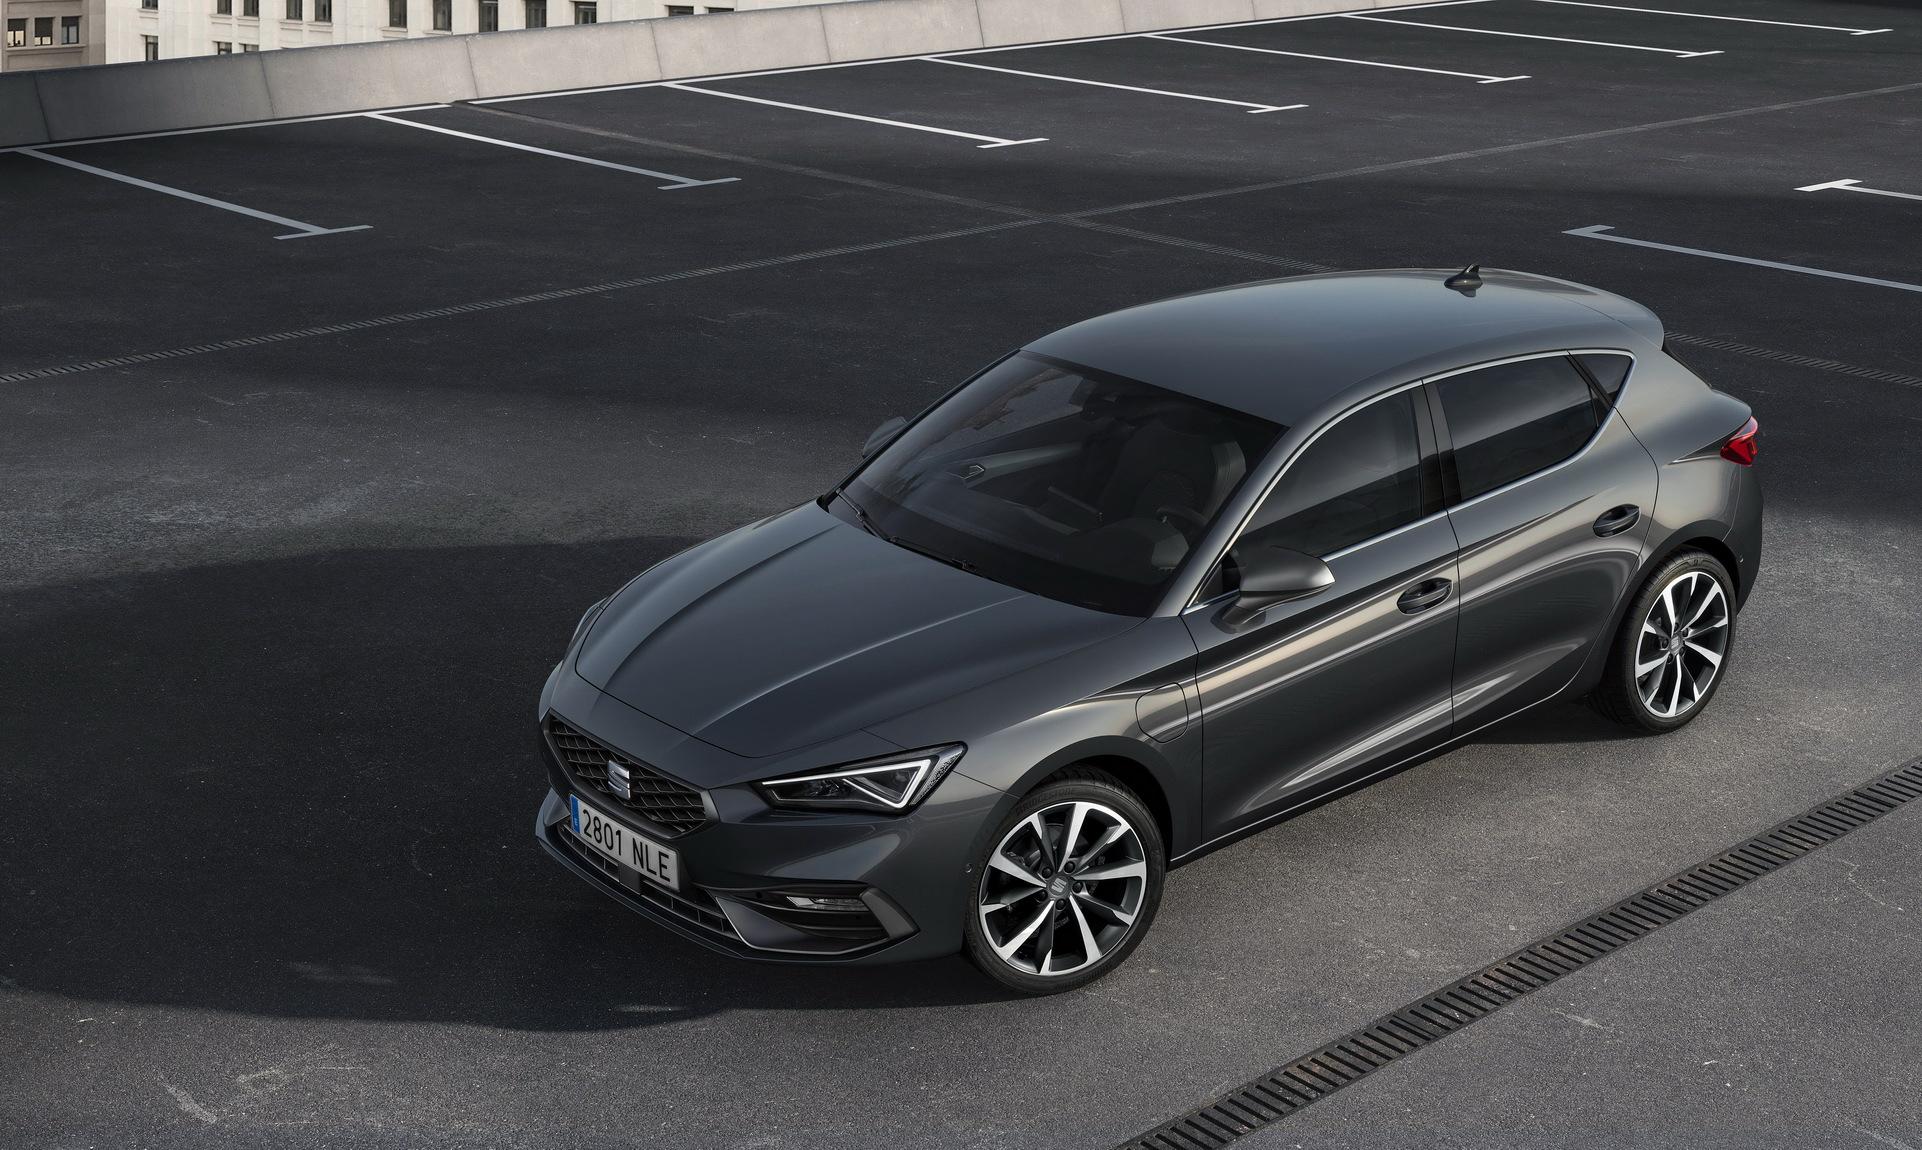 2020 Seat Leon tanıtıldı: İşte tasarımı ve özellikleri